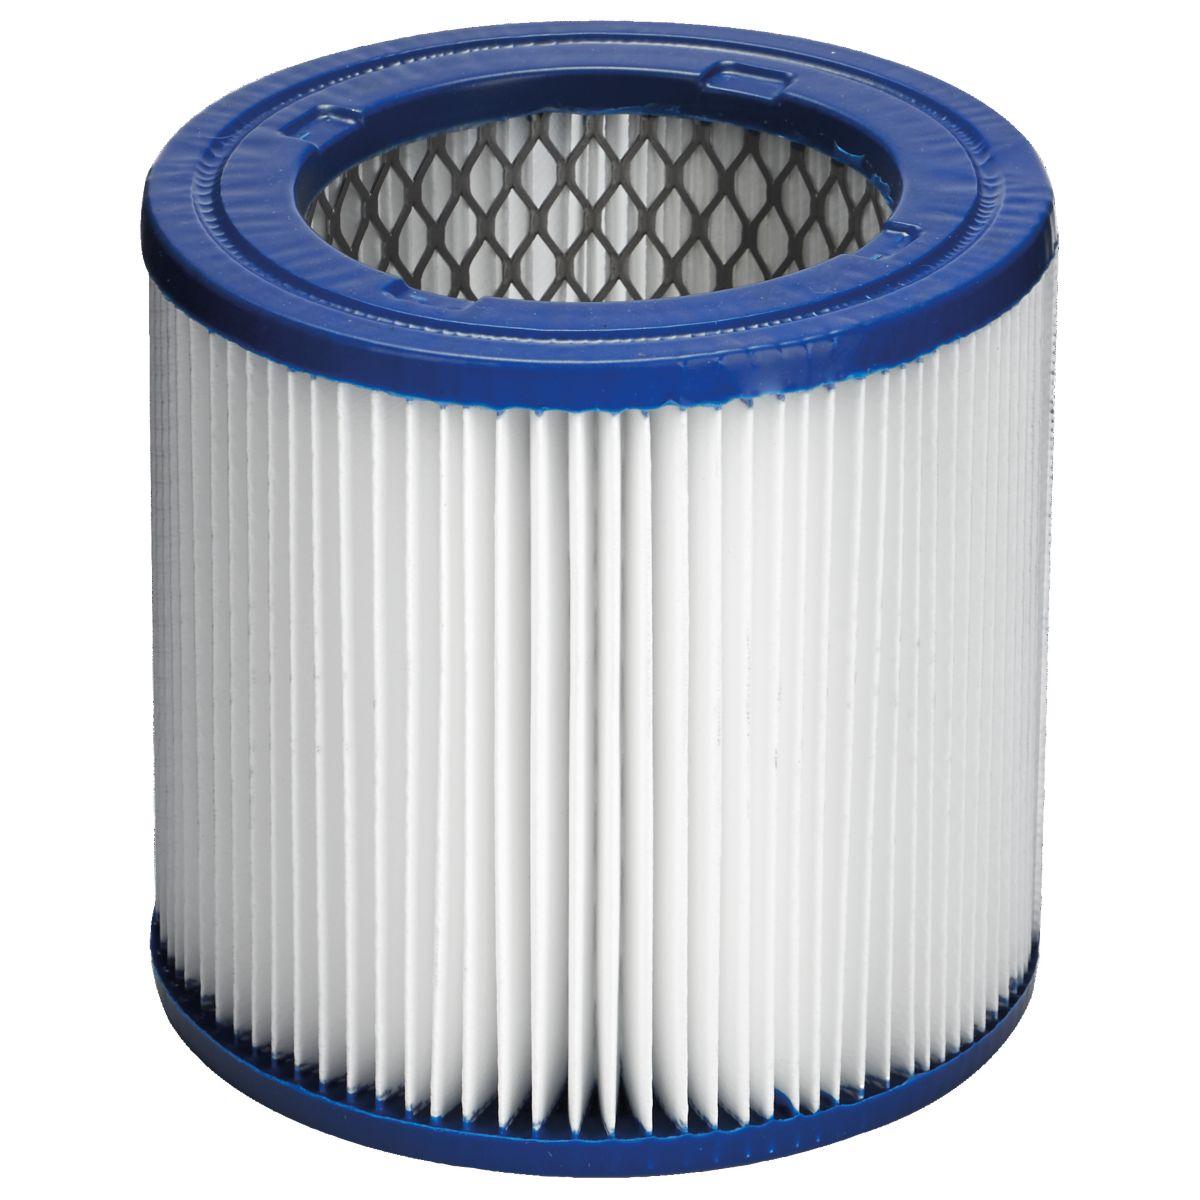 ShopVac HEPA Filter für den Aschesauger Ash Vac 20 »Faltenfilter Ash Vac«